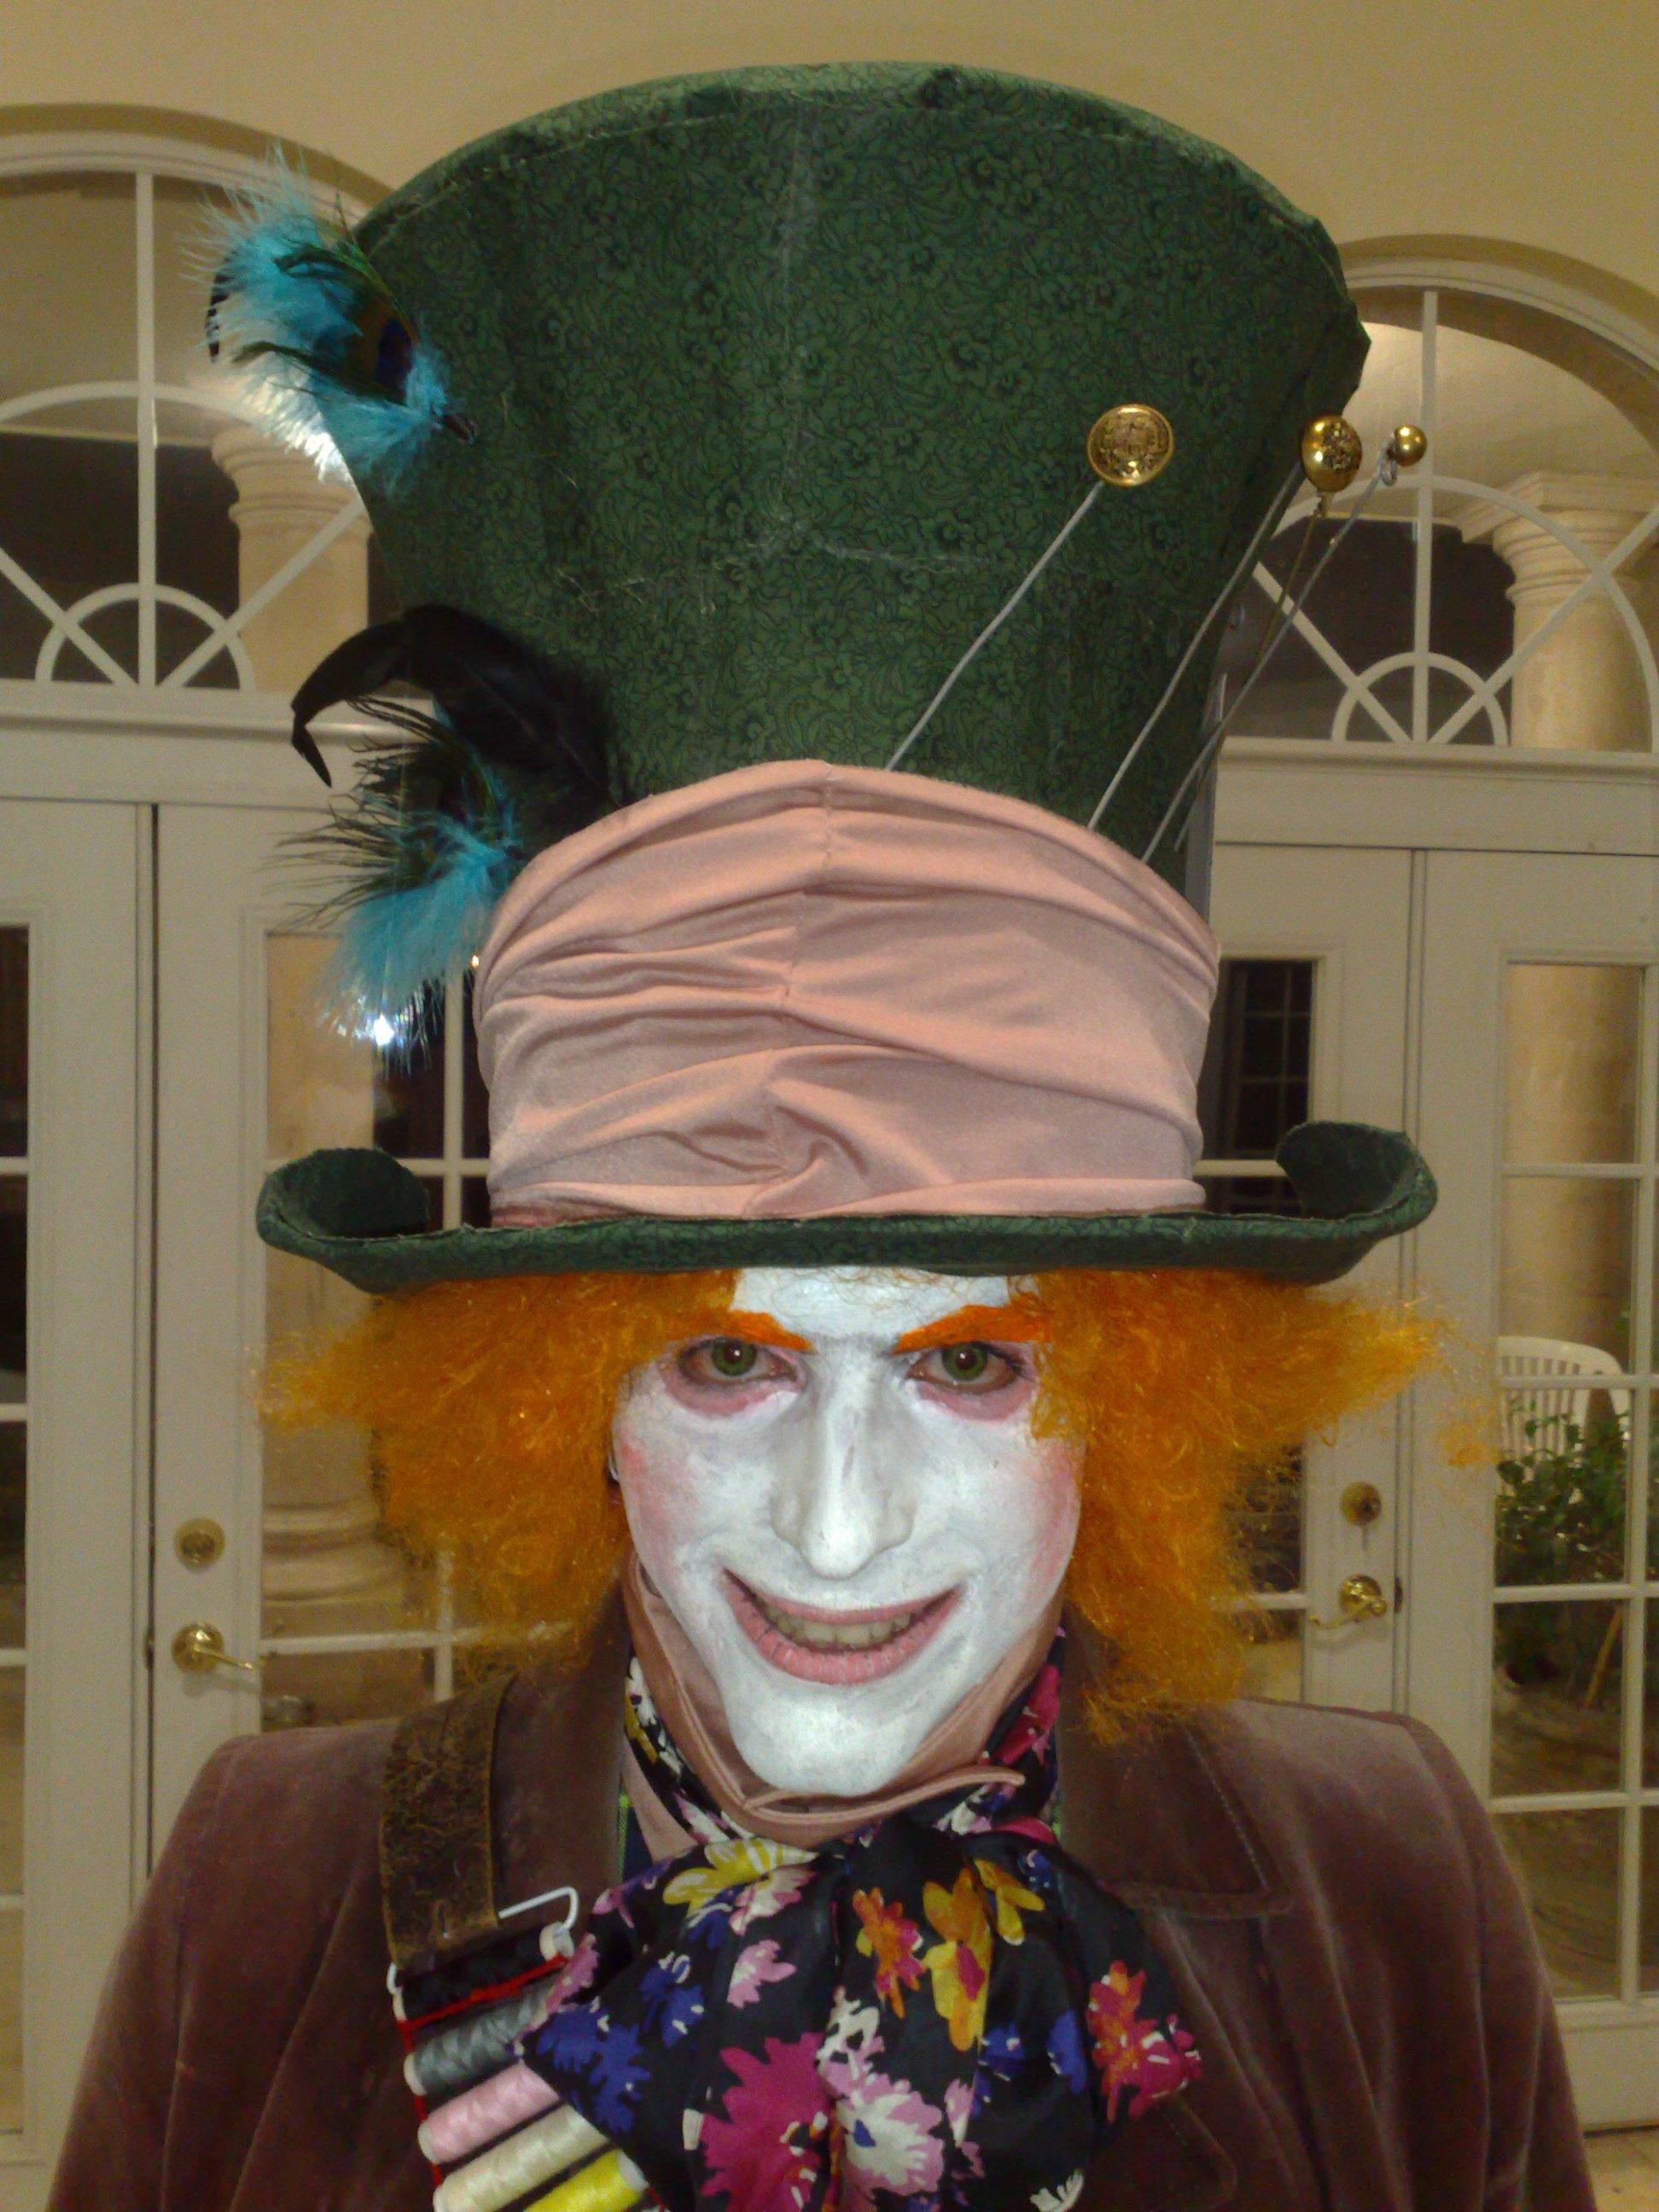 25cm 98 inch Steampunk  Mad Hatter Top Hat  Victorian